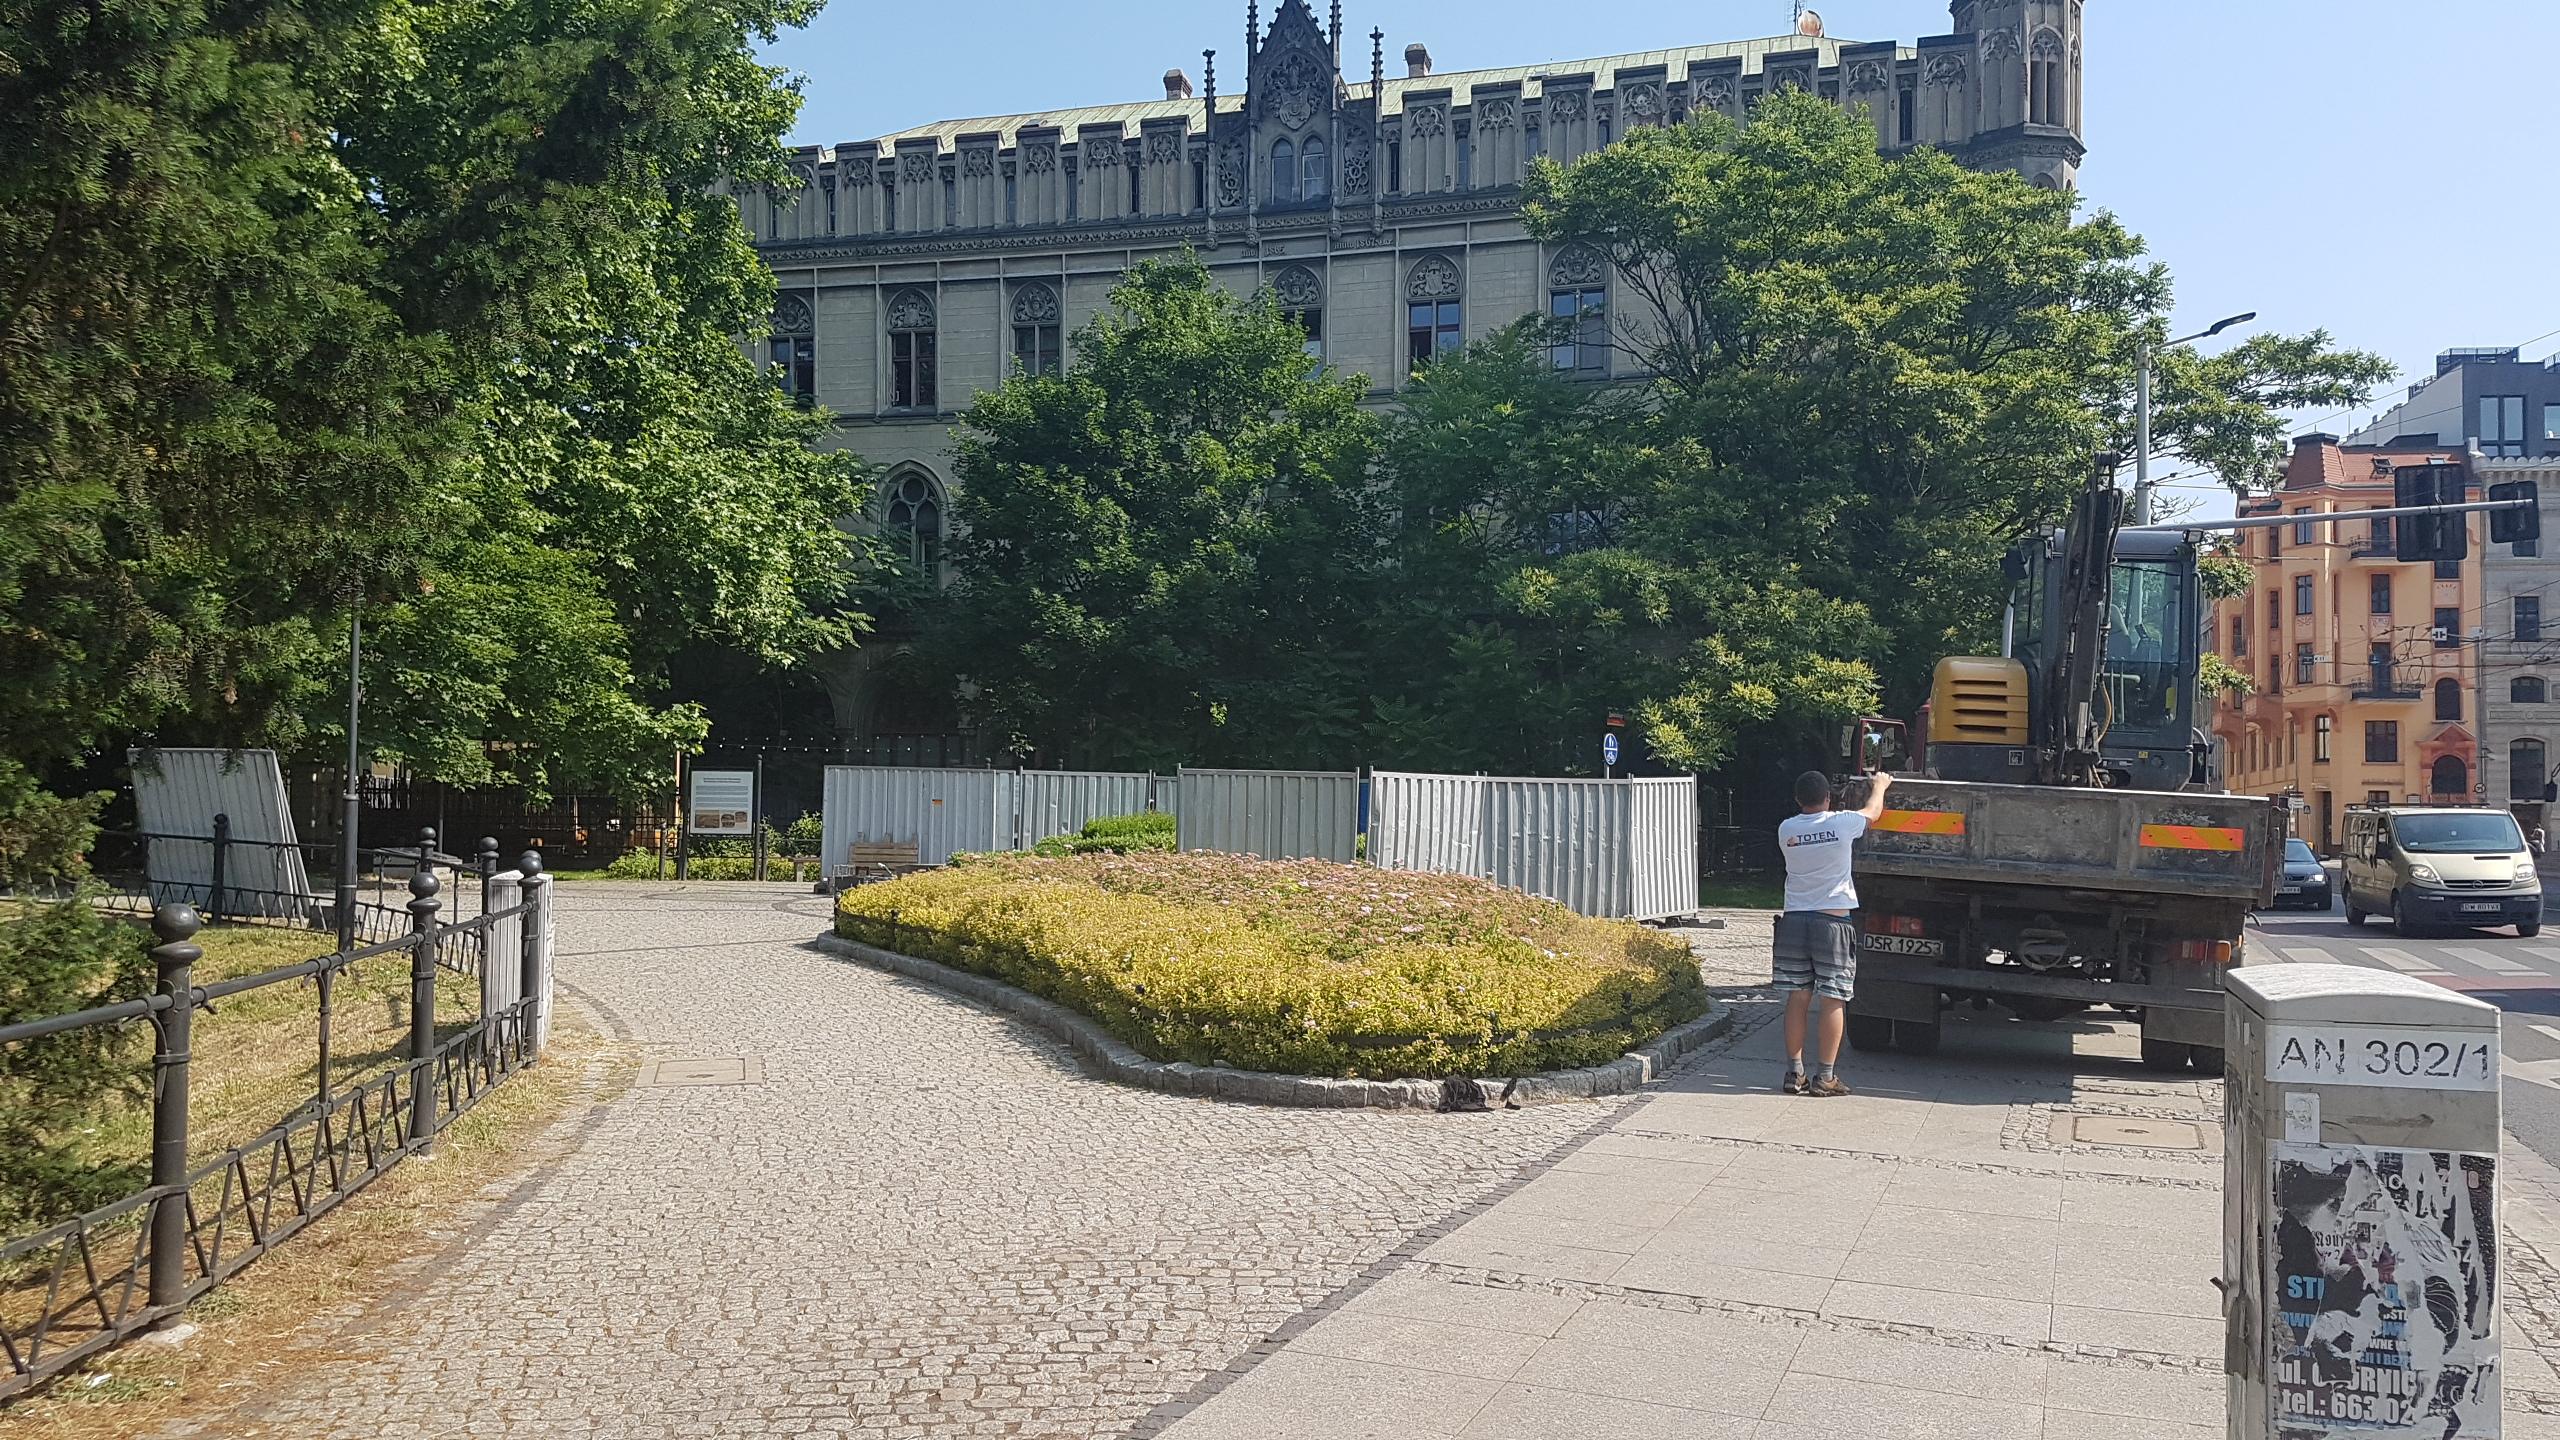 Dziś rozpoczynamy montaż pomnika. Prace ziemne, przygotowanie fundamentu, doprowadzenie instalacji elektrycznej pod oświetlenie